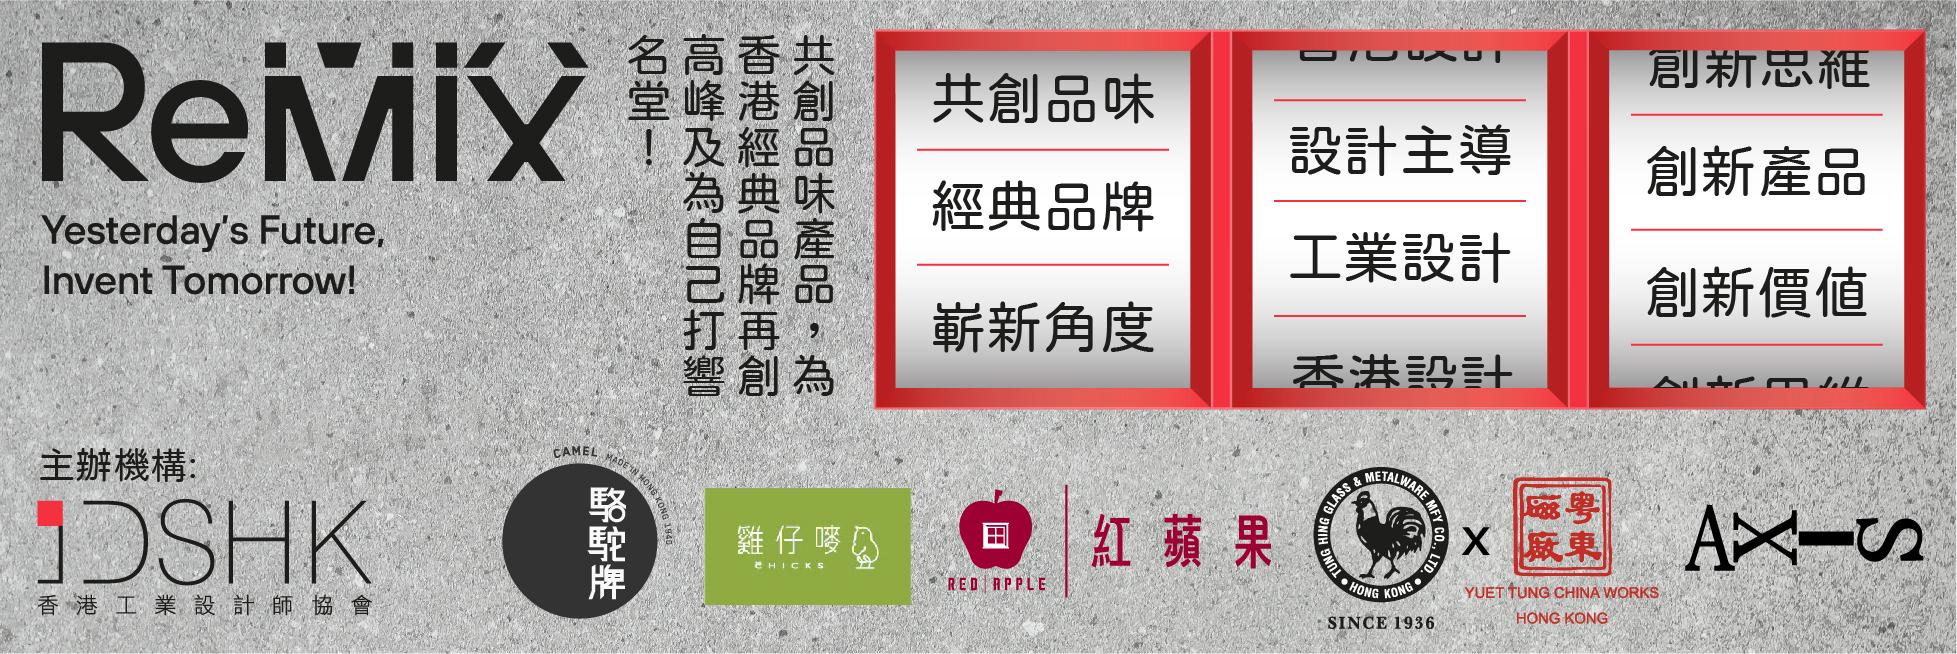 支持活動 - 香港工業設計師協會首次舉辦「ReMix · Yesterday's Future, Invent Tomorrow! (ReMix)」 現召集設計師